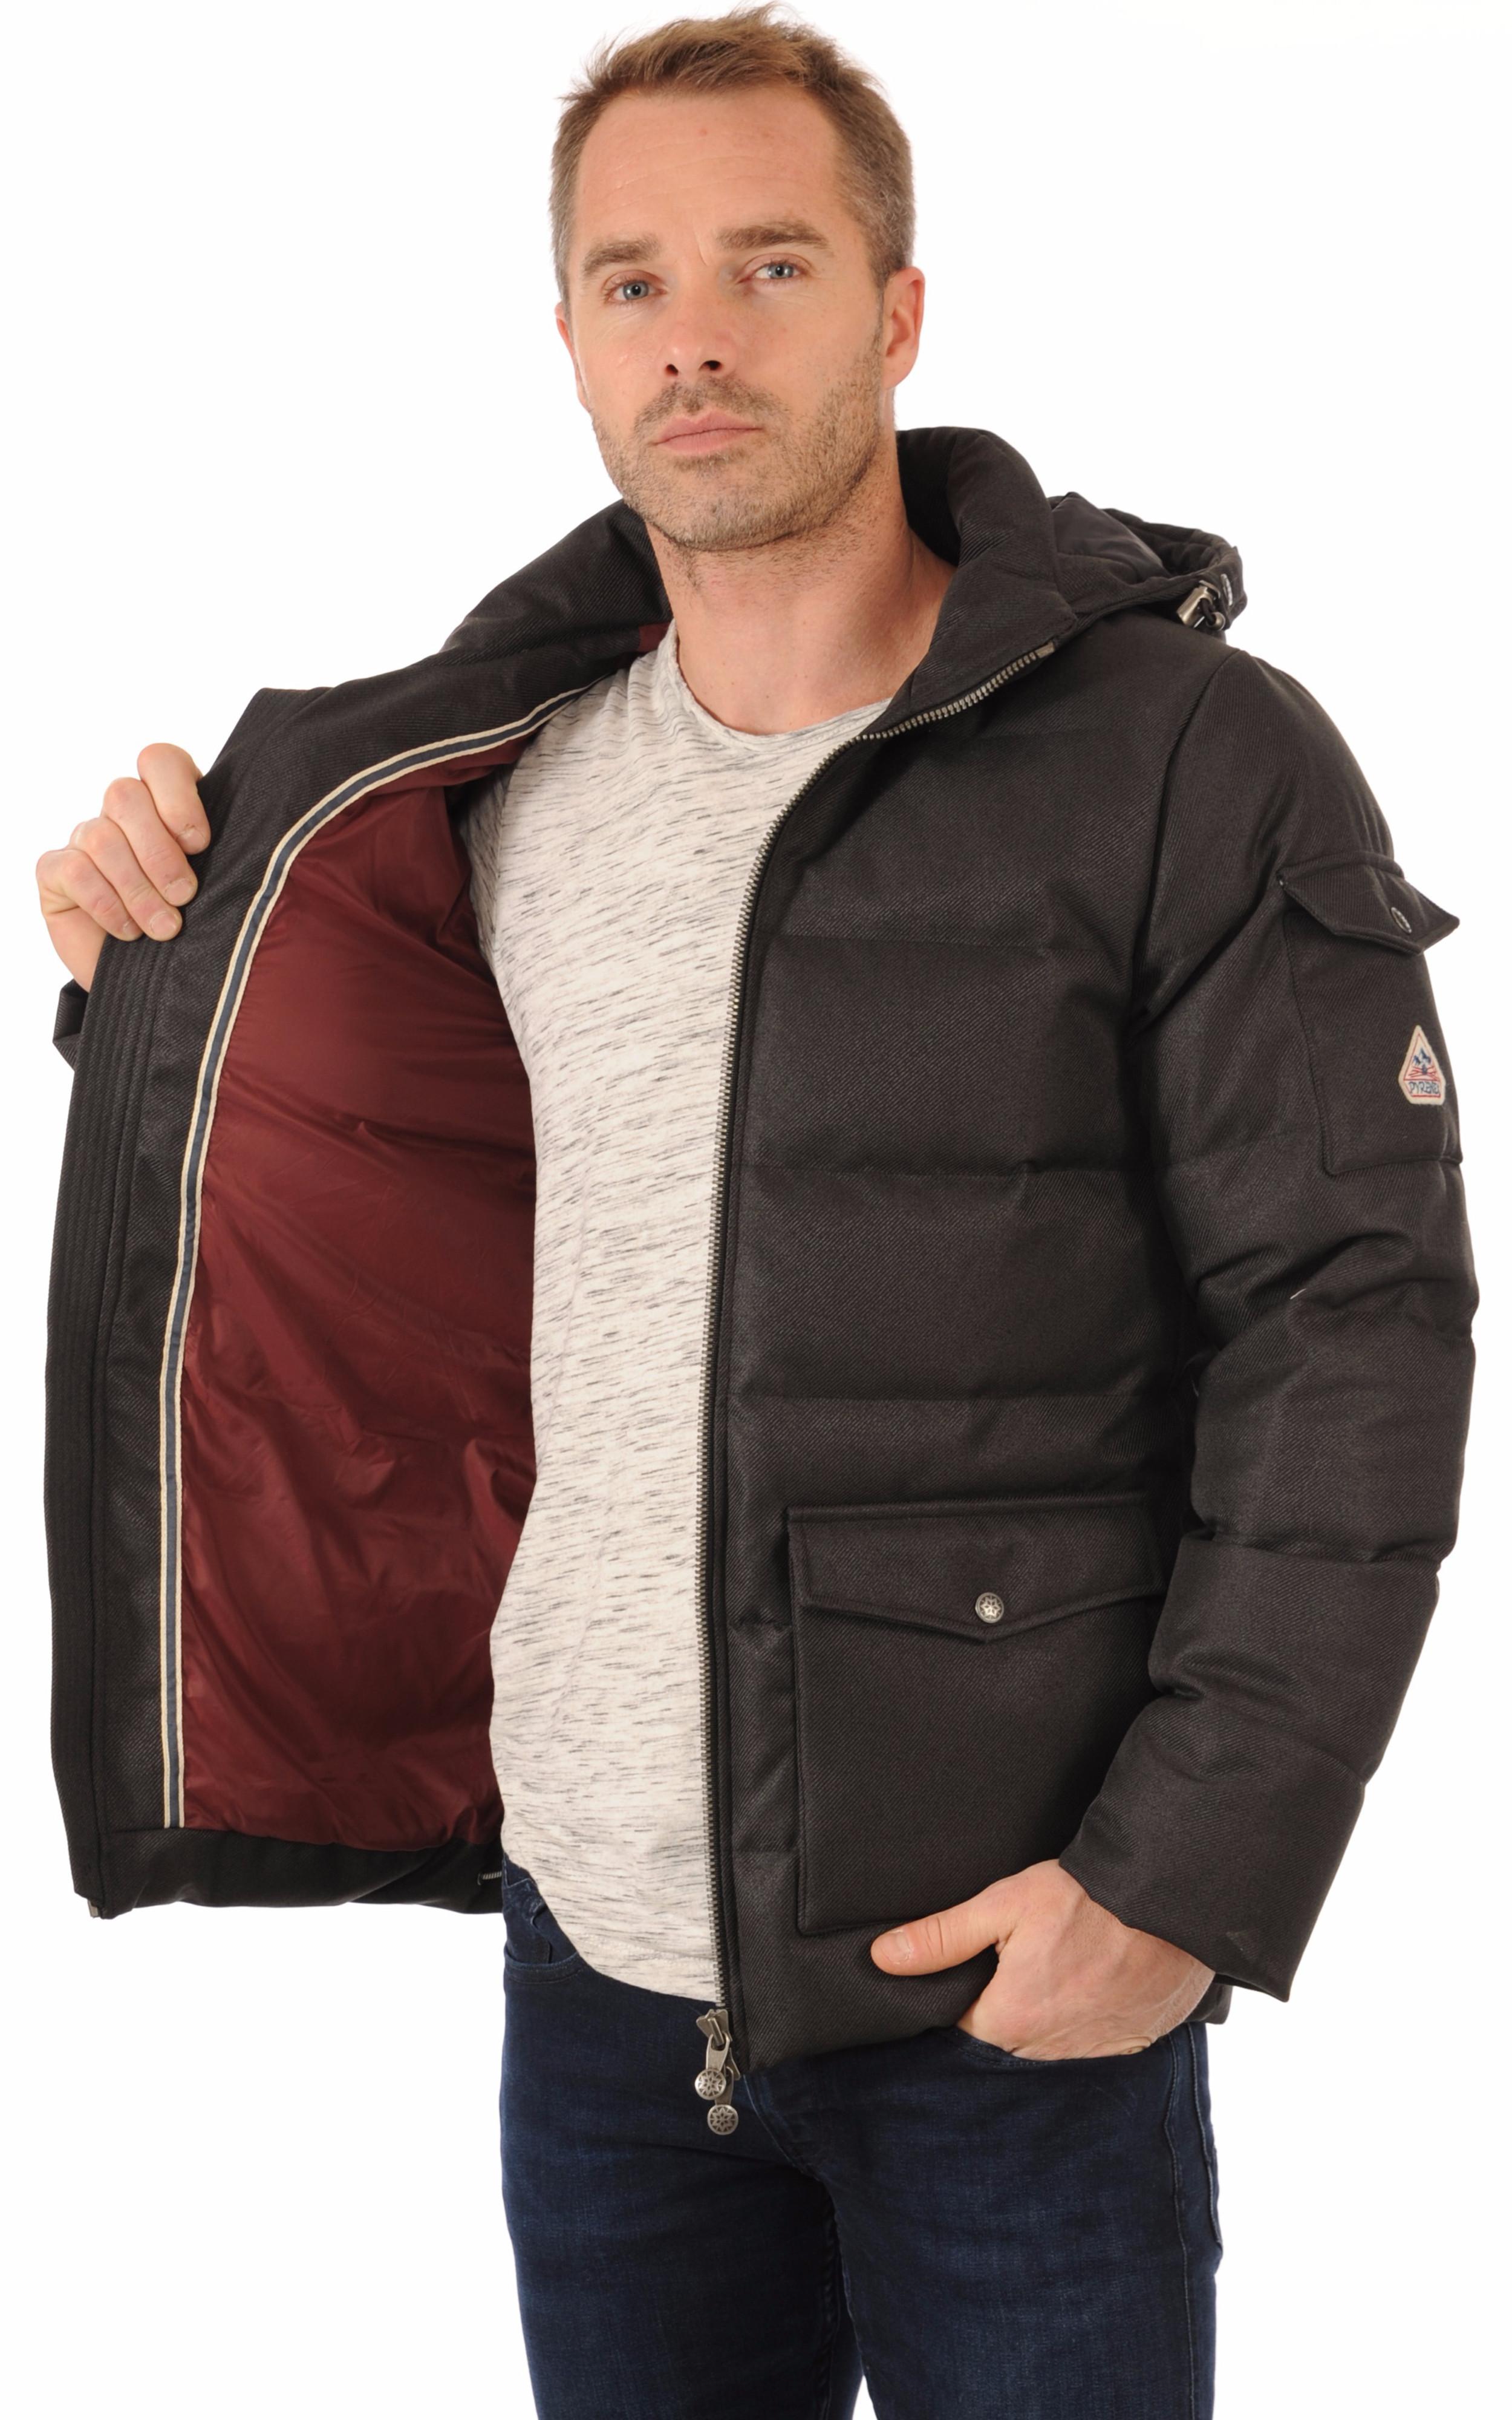 doudoune authentic jacket drill grise homme pyrenex la. Black Bedroom Furniture Sets. Home Design Ideas